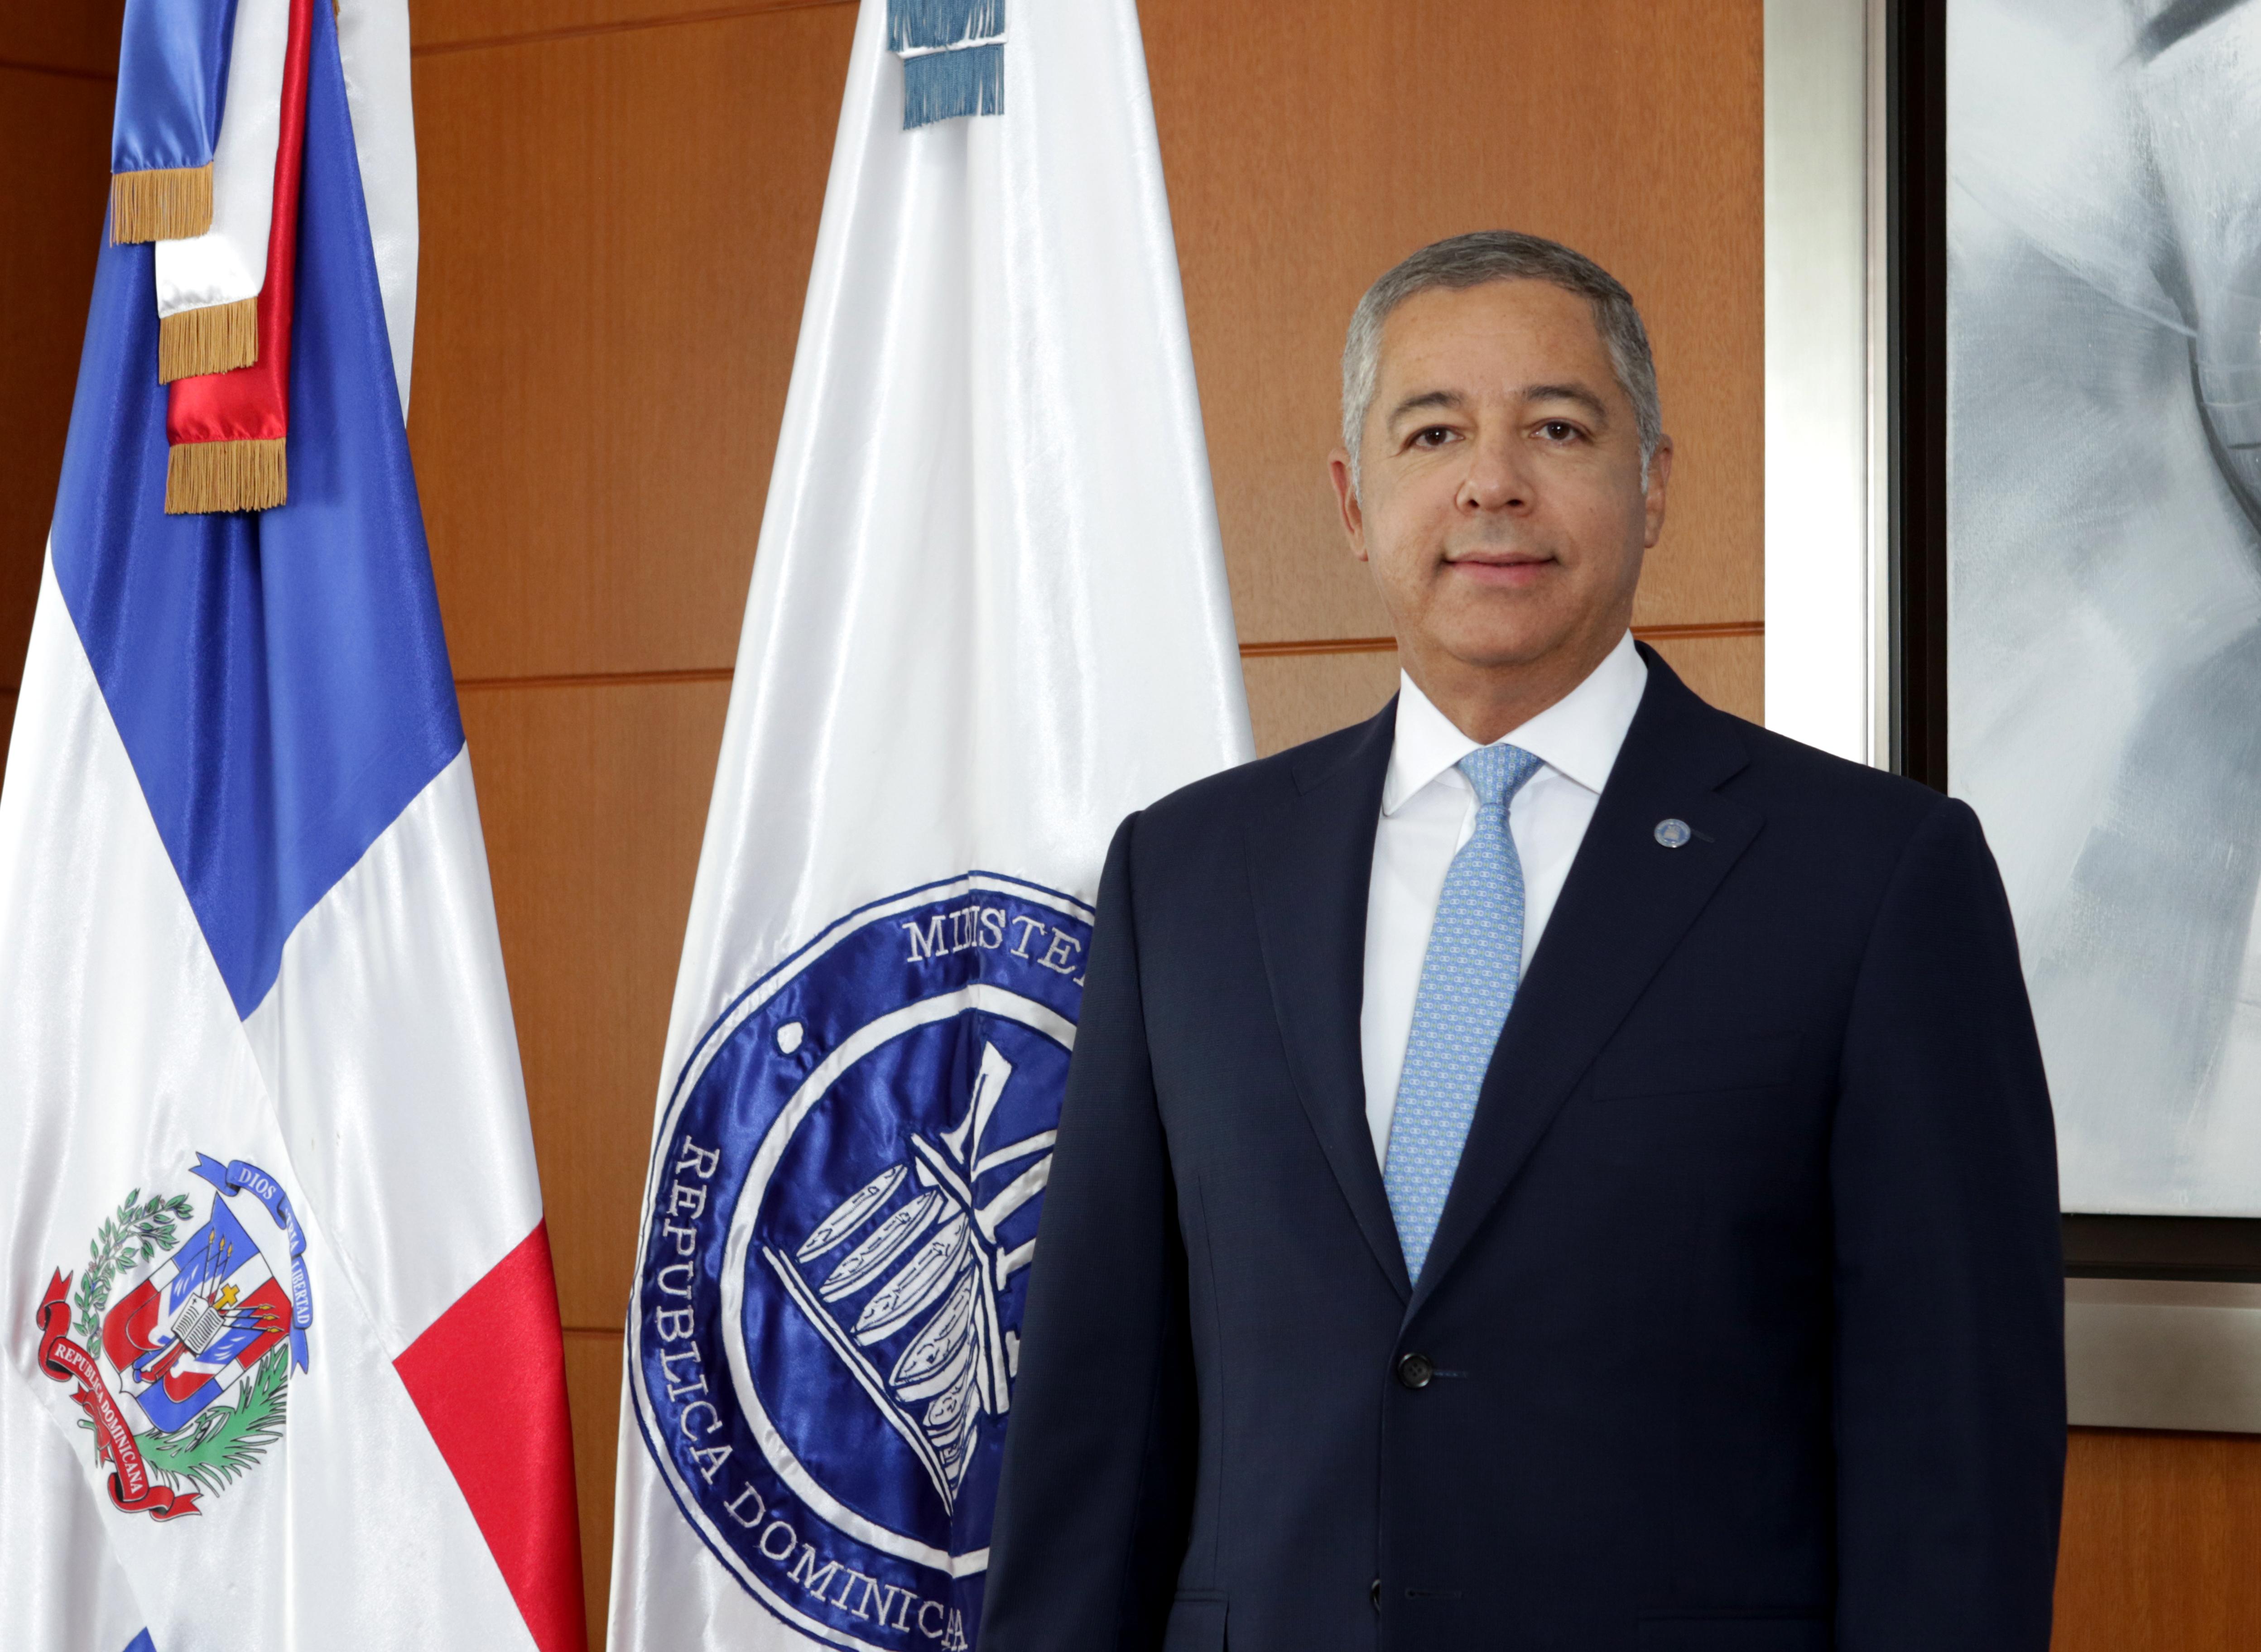 RD mantendrá su estabilidad económica pese a elecciones: Ministro de Hacienda